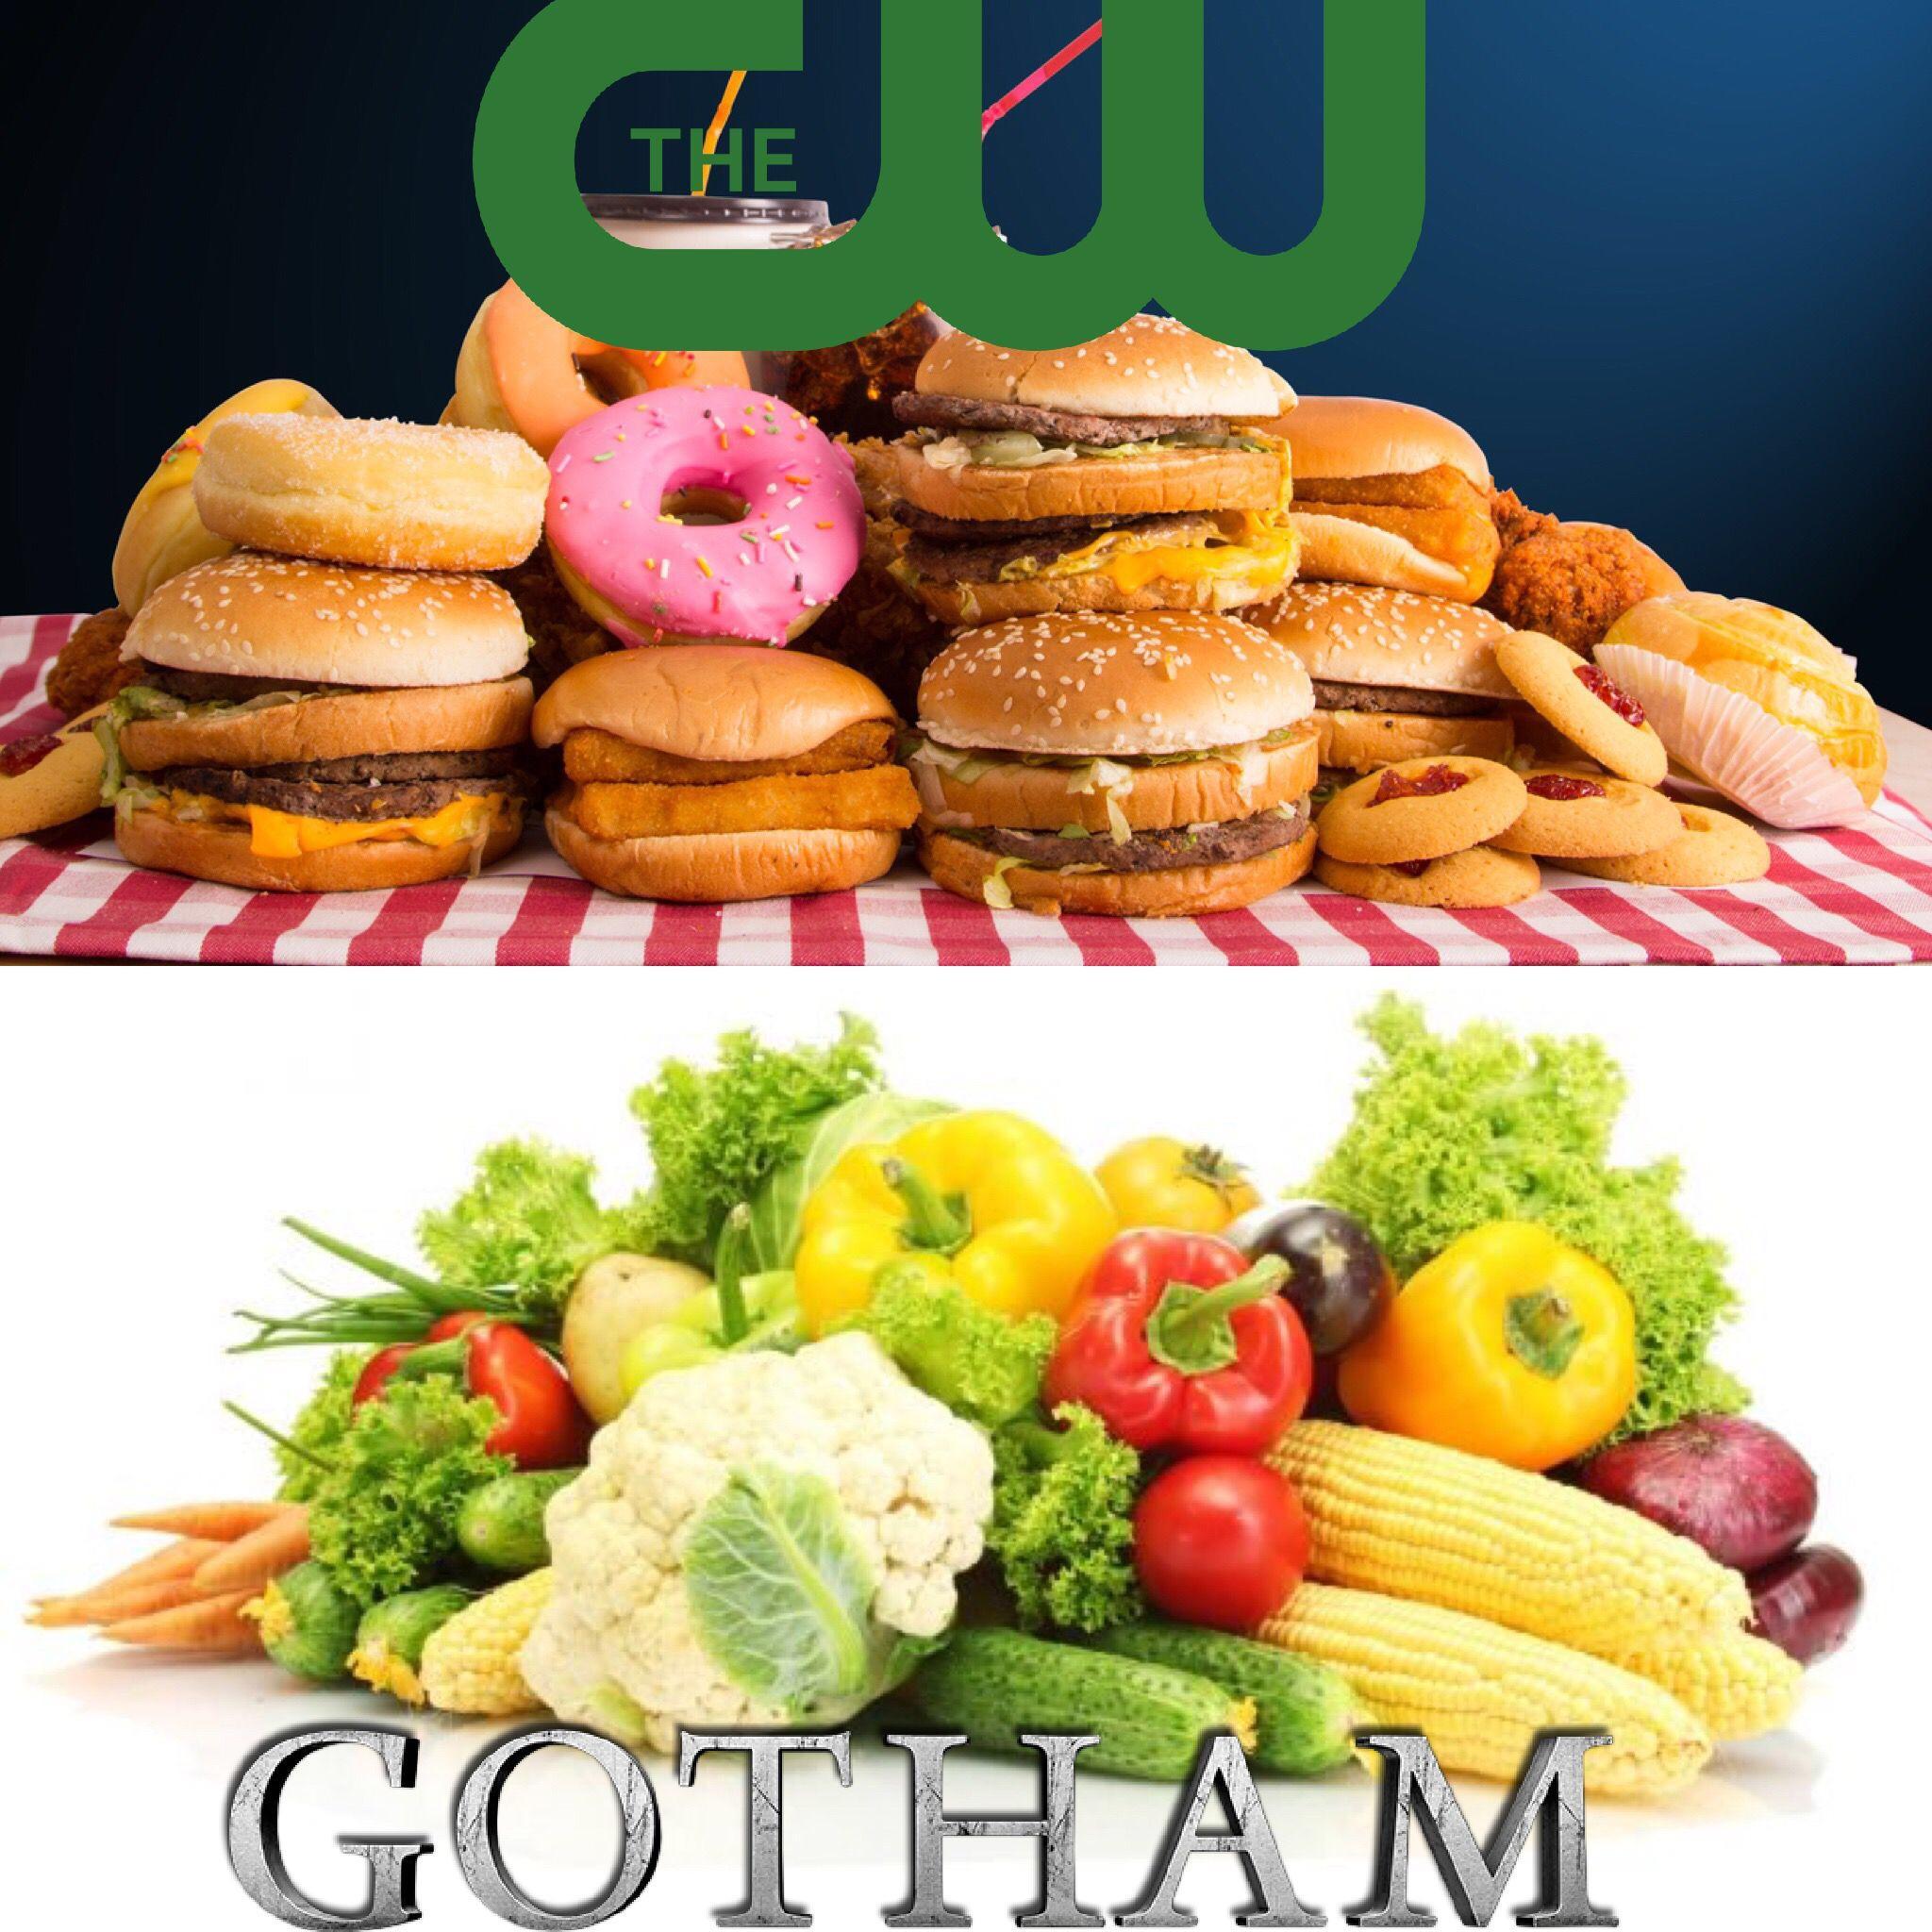 Shitpost Junk Food Vs Healthy Food Gotham